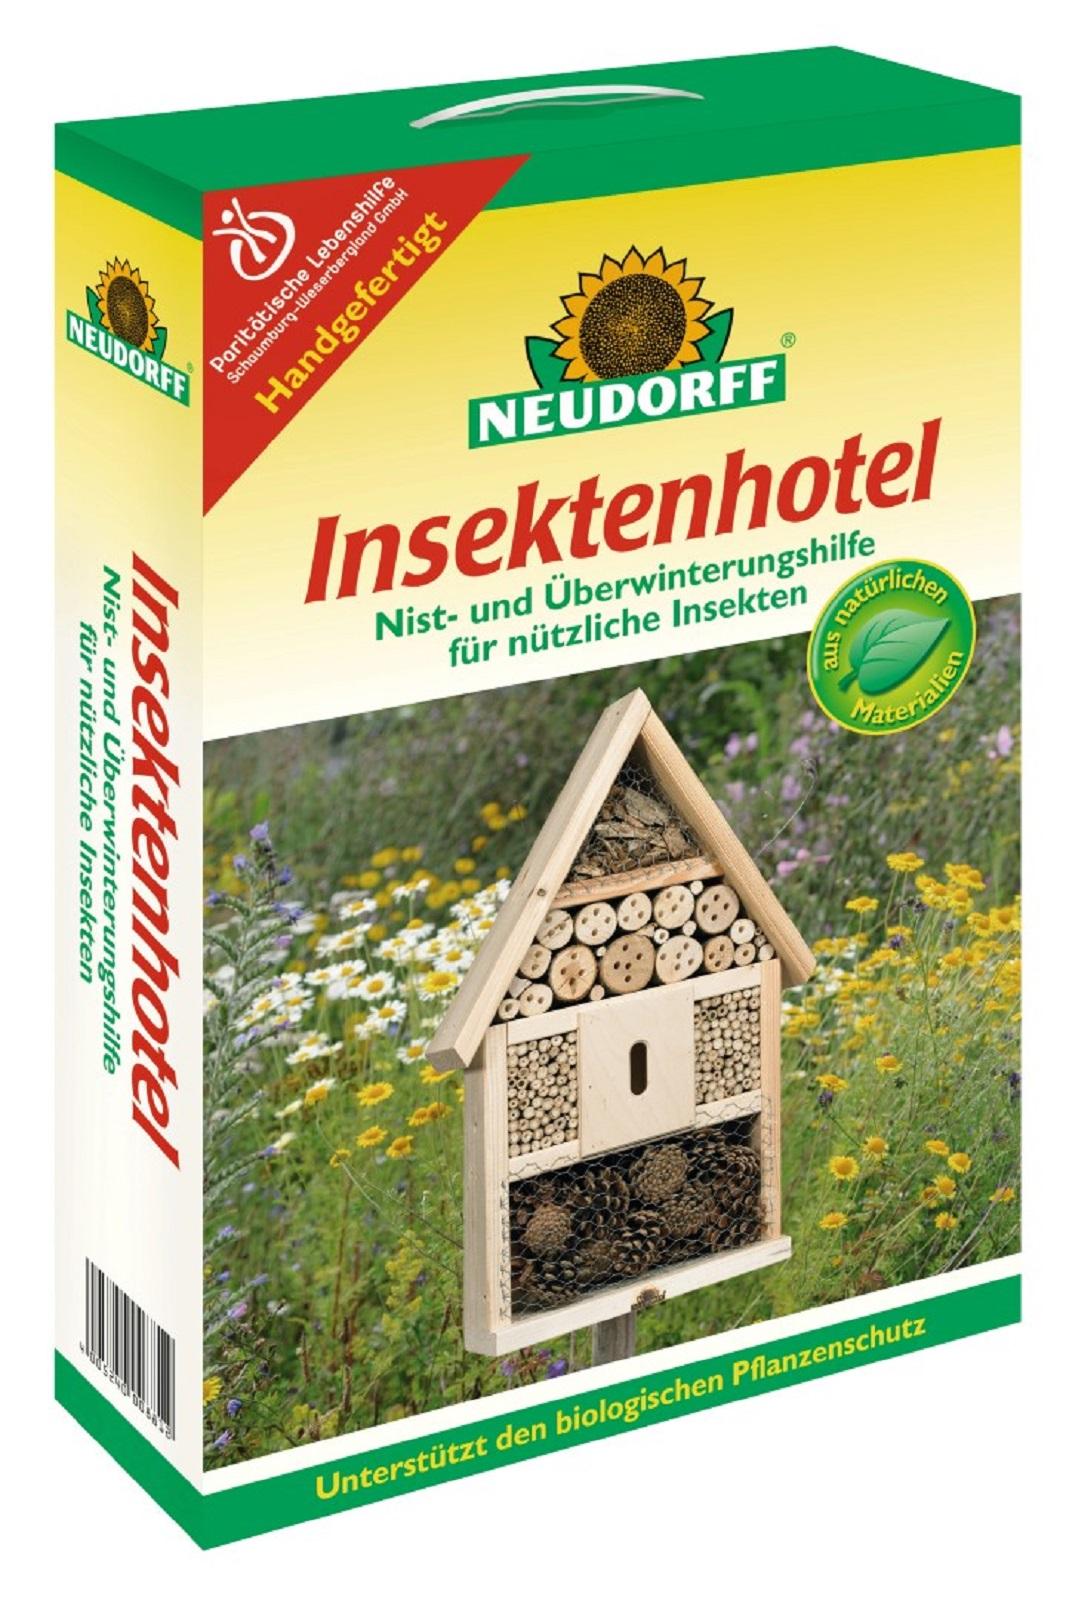 Insektenhotel Insektenhaus  für Bienen Insekten Schmetterlinge